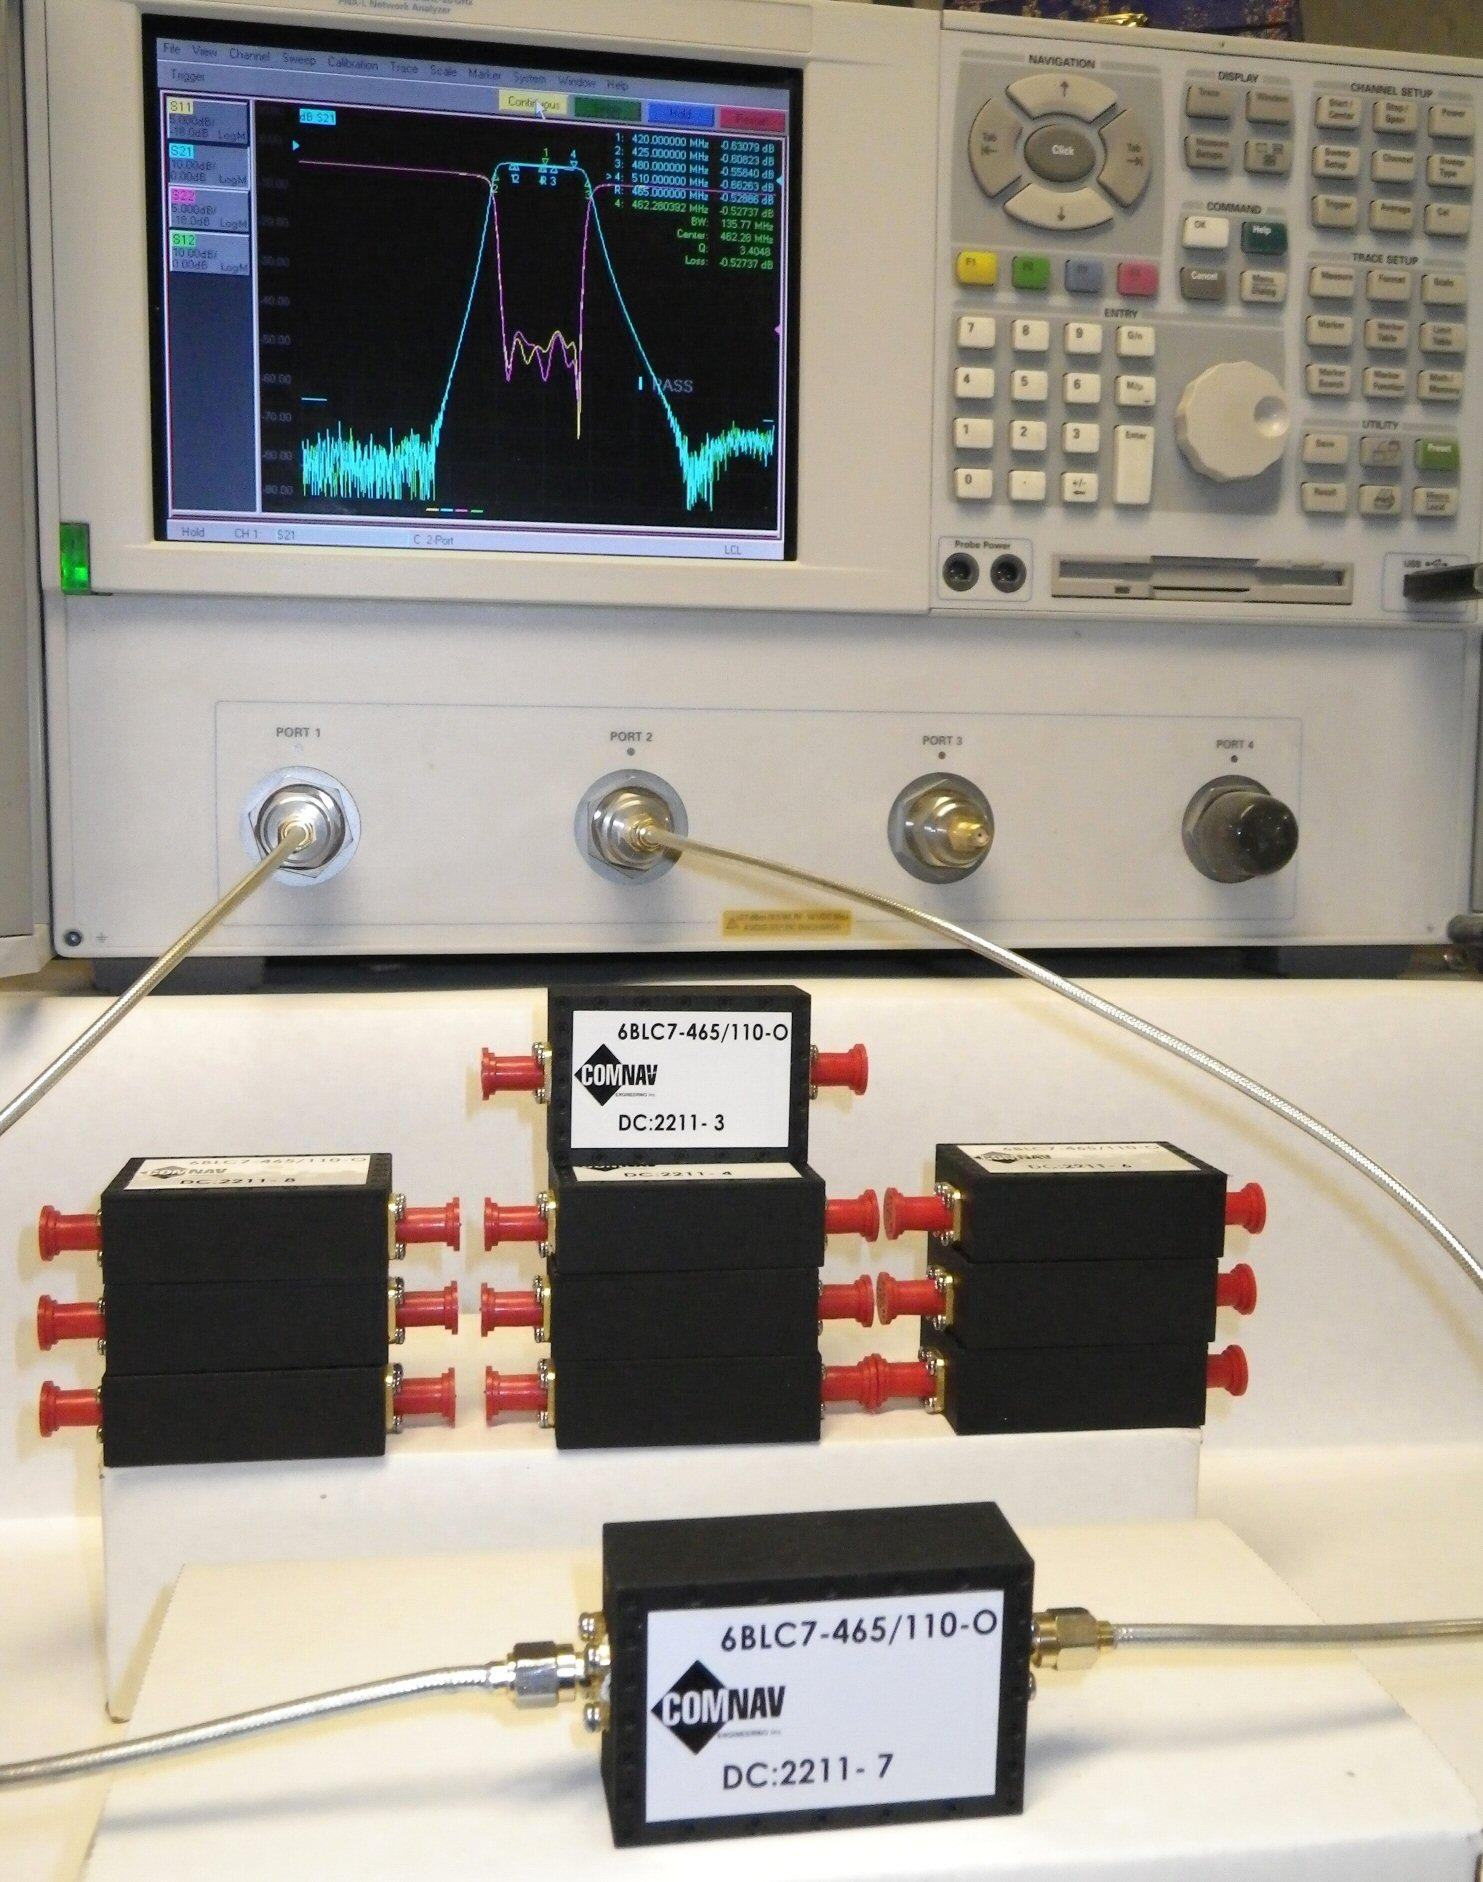 150 Watt High Power UHF Bandpass Filter: P/N 6BLC7-465/110-O